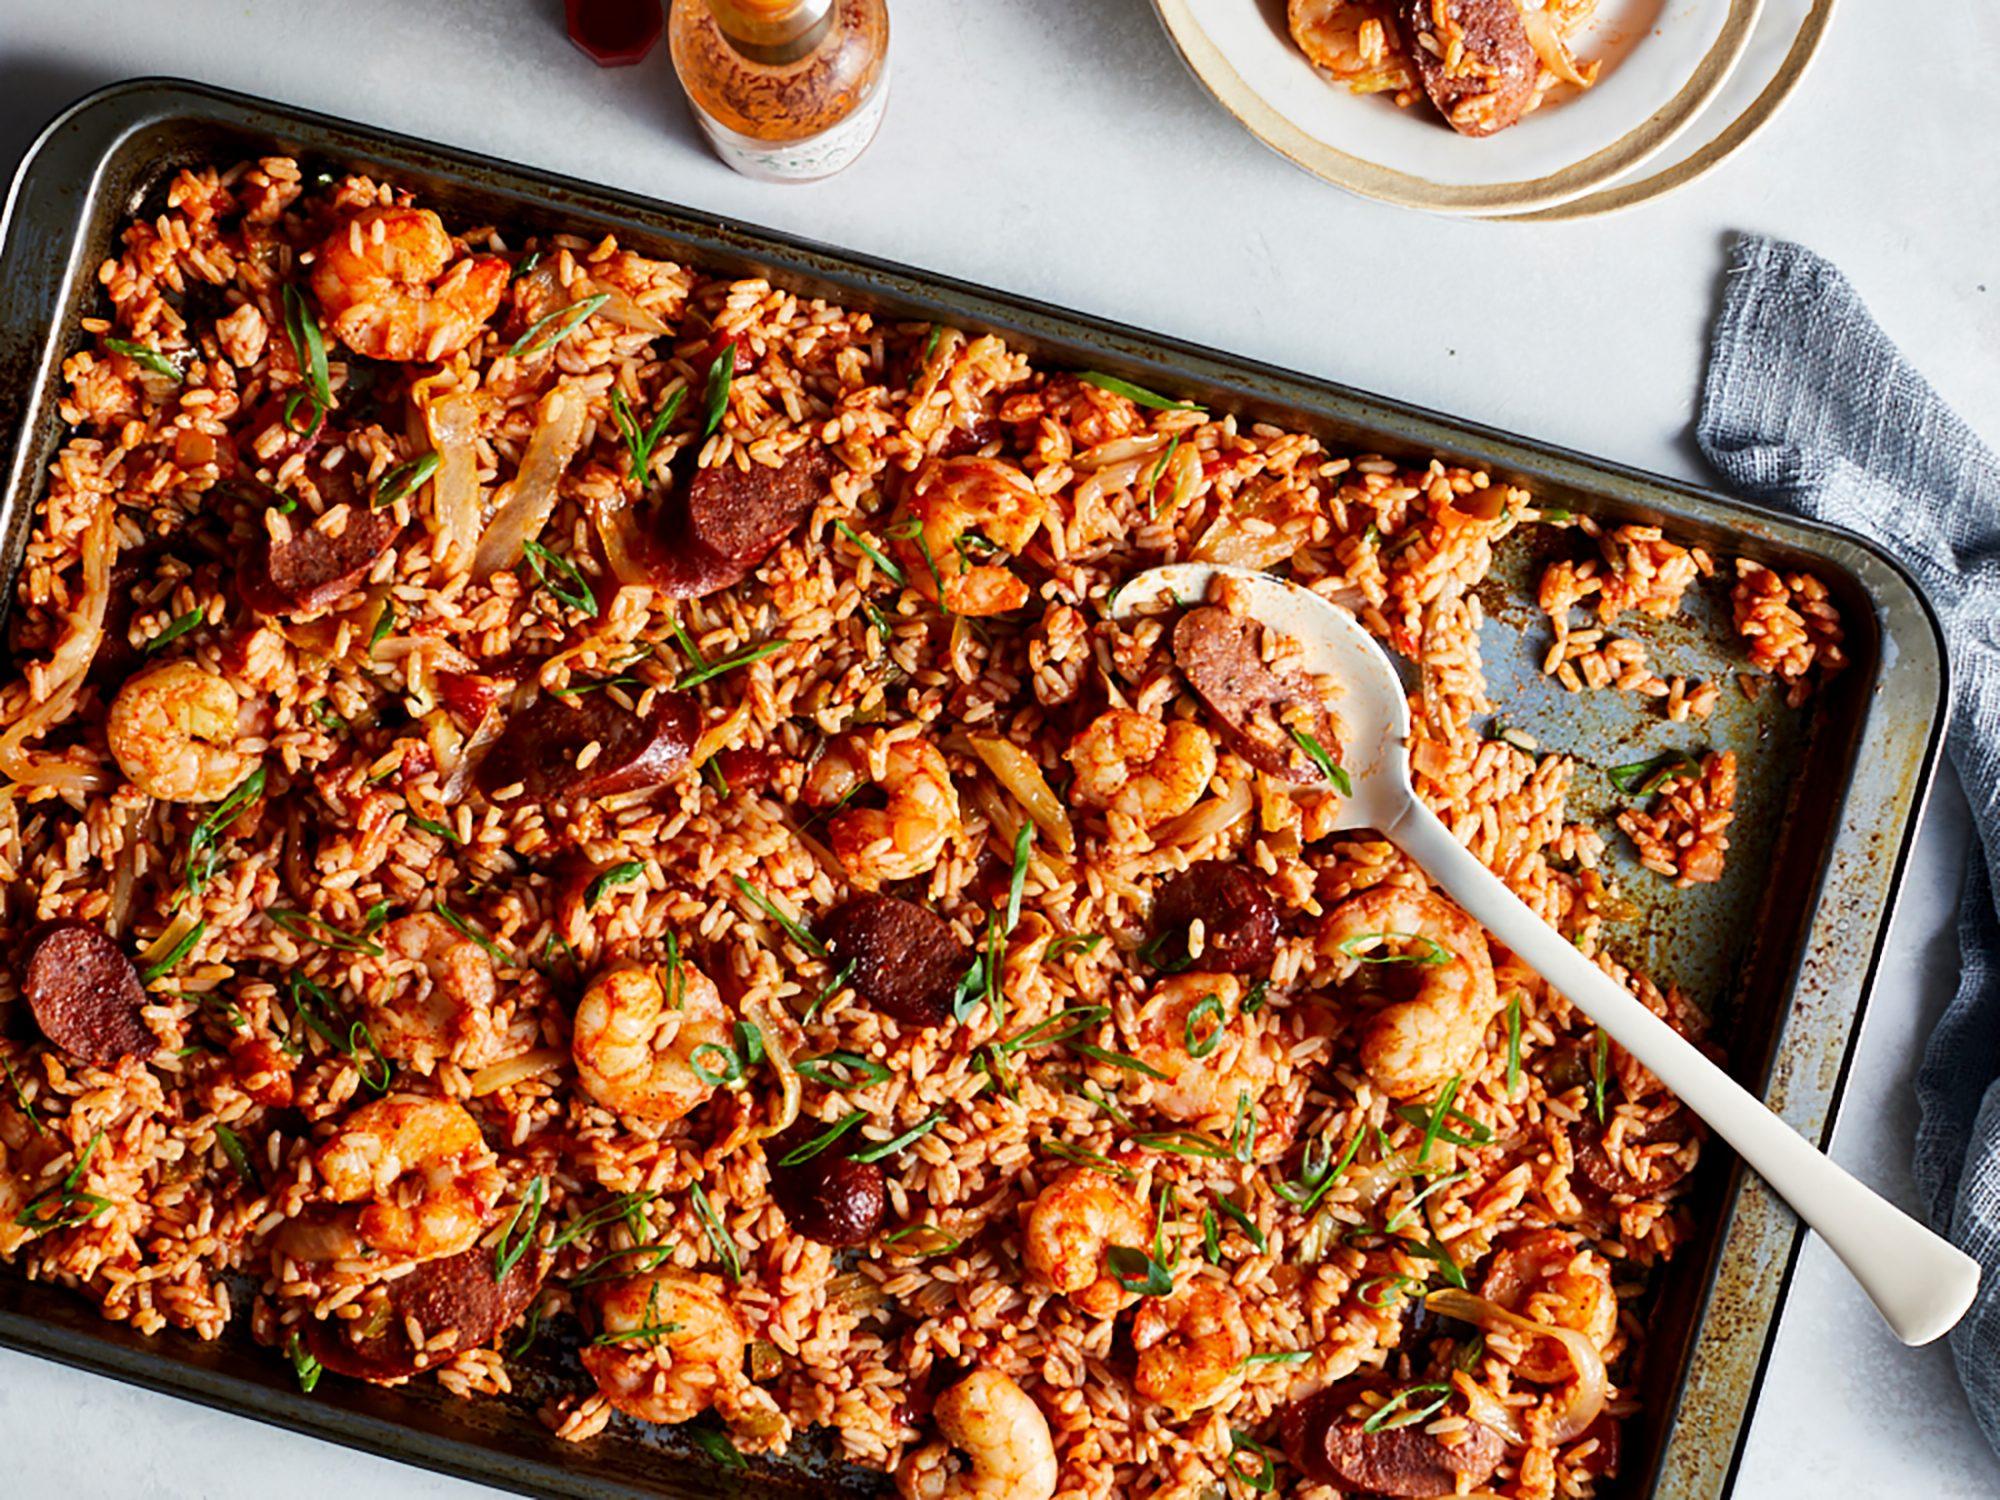 Sheet-Pan Shrimp and Sausage Jambalaya image